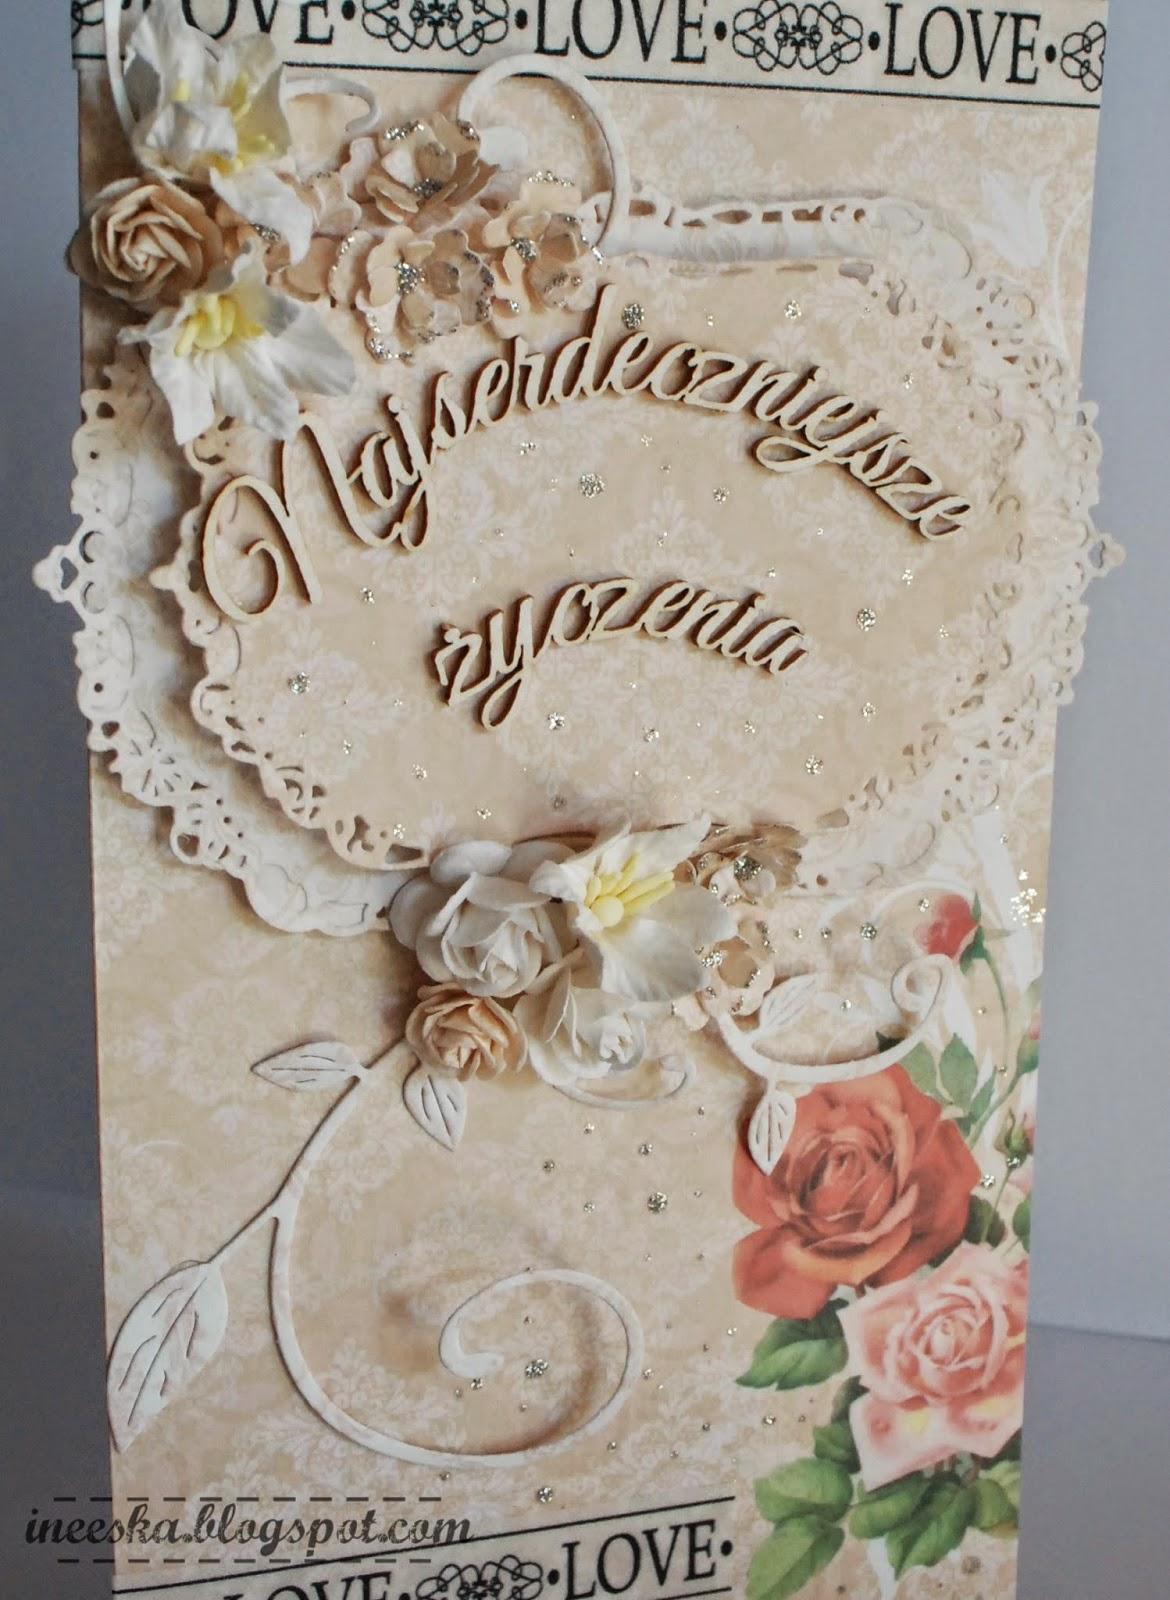 życzenia dla młodej pary,gratulacje, ślub, pudełko z życzeniami